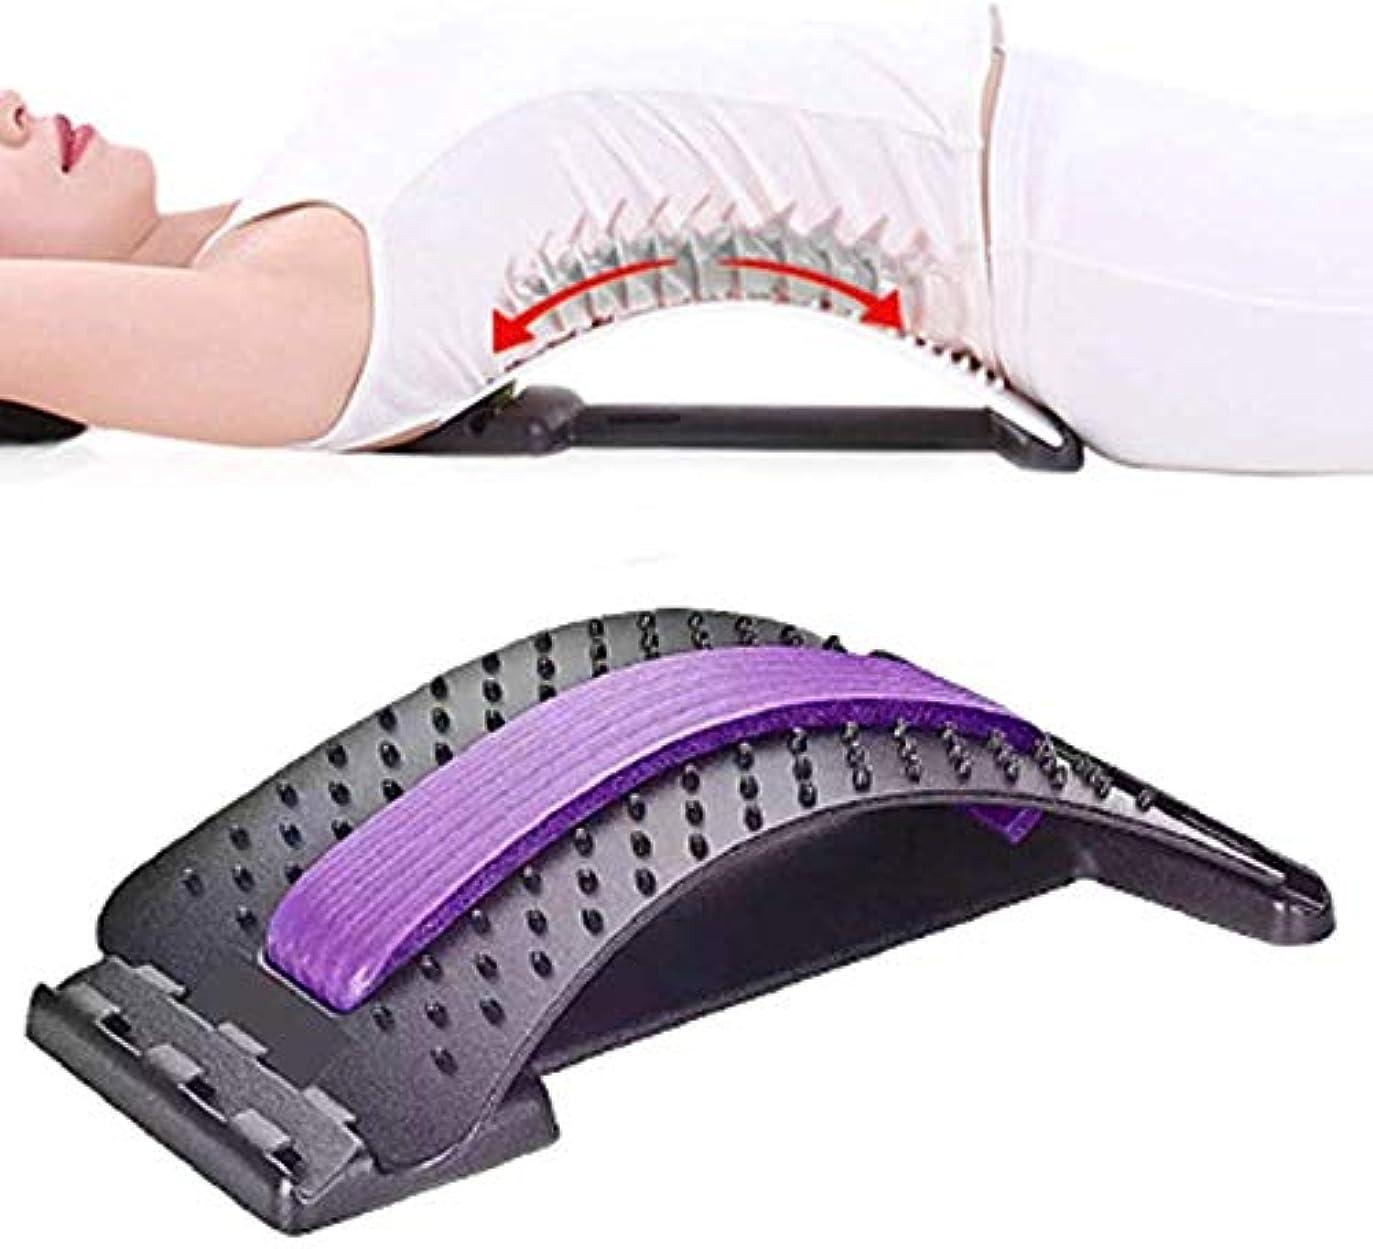 防ぐ感性序文良質の水平背部伸張装置、背部マッサージャーの腰部サポート伸張器の脊髄の苦痛は背部筋肉を、腰椎椎間板ヘルニアブレースを取り除きます